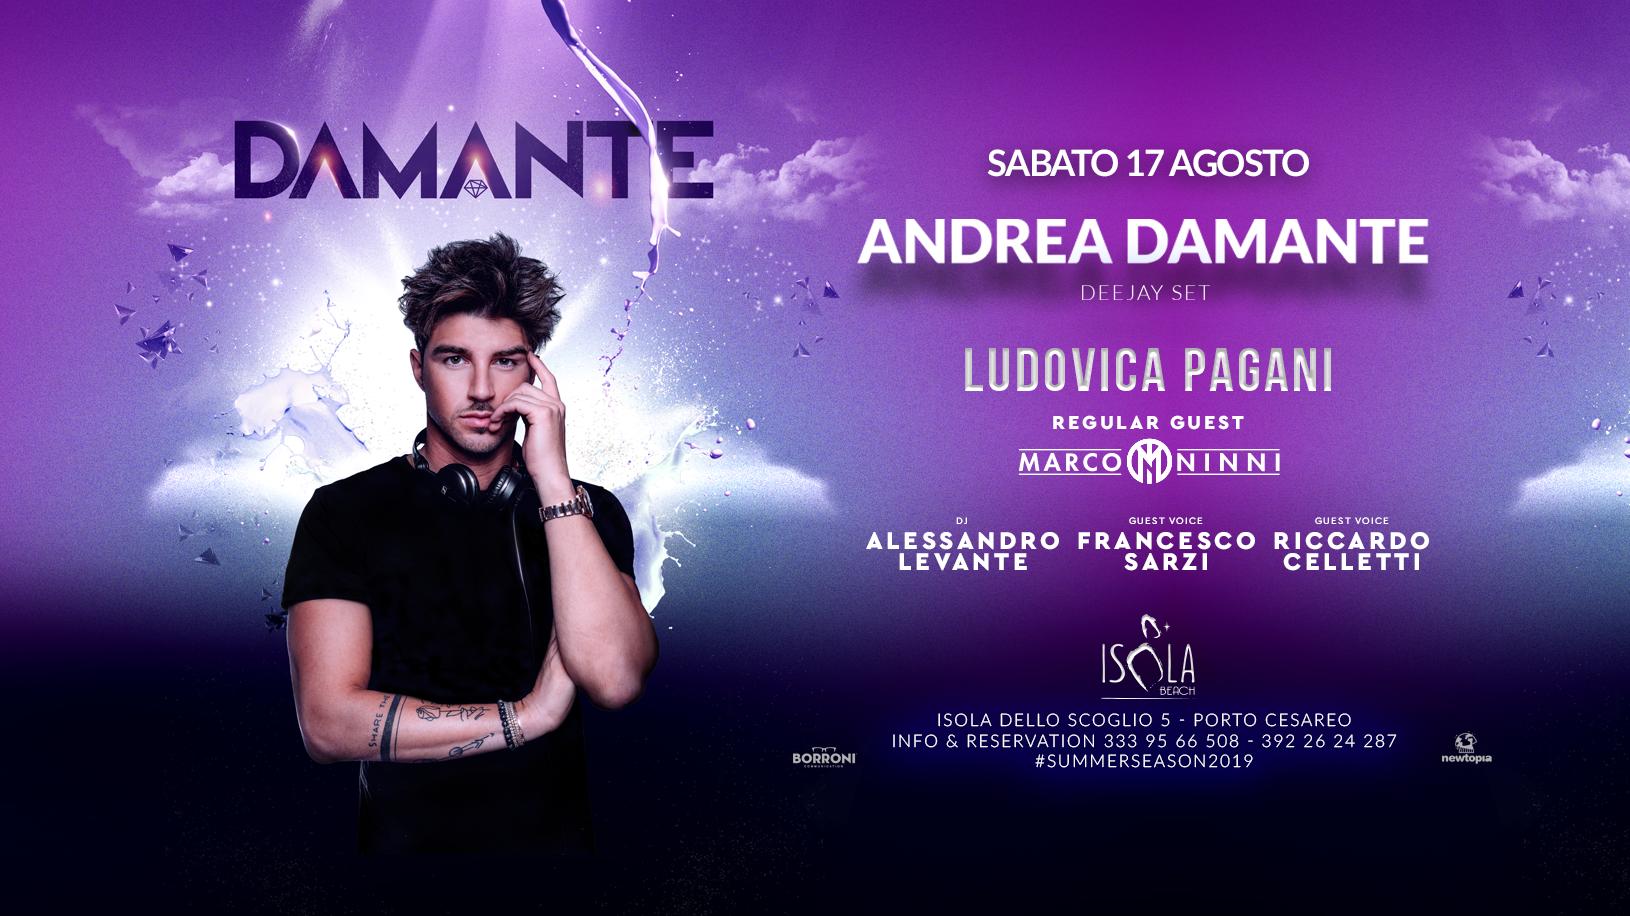 Andrea Damante & Ludovica Pagani 17.08.19